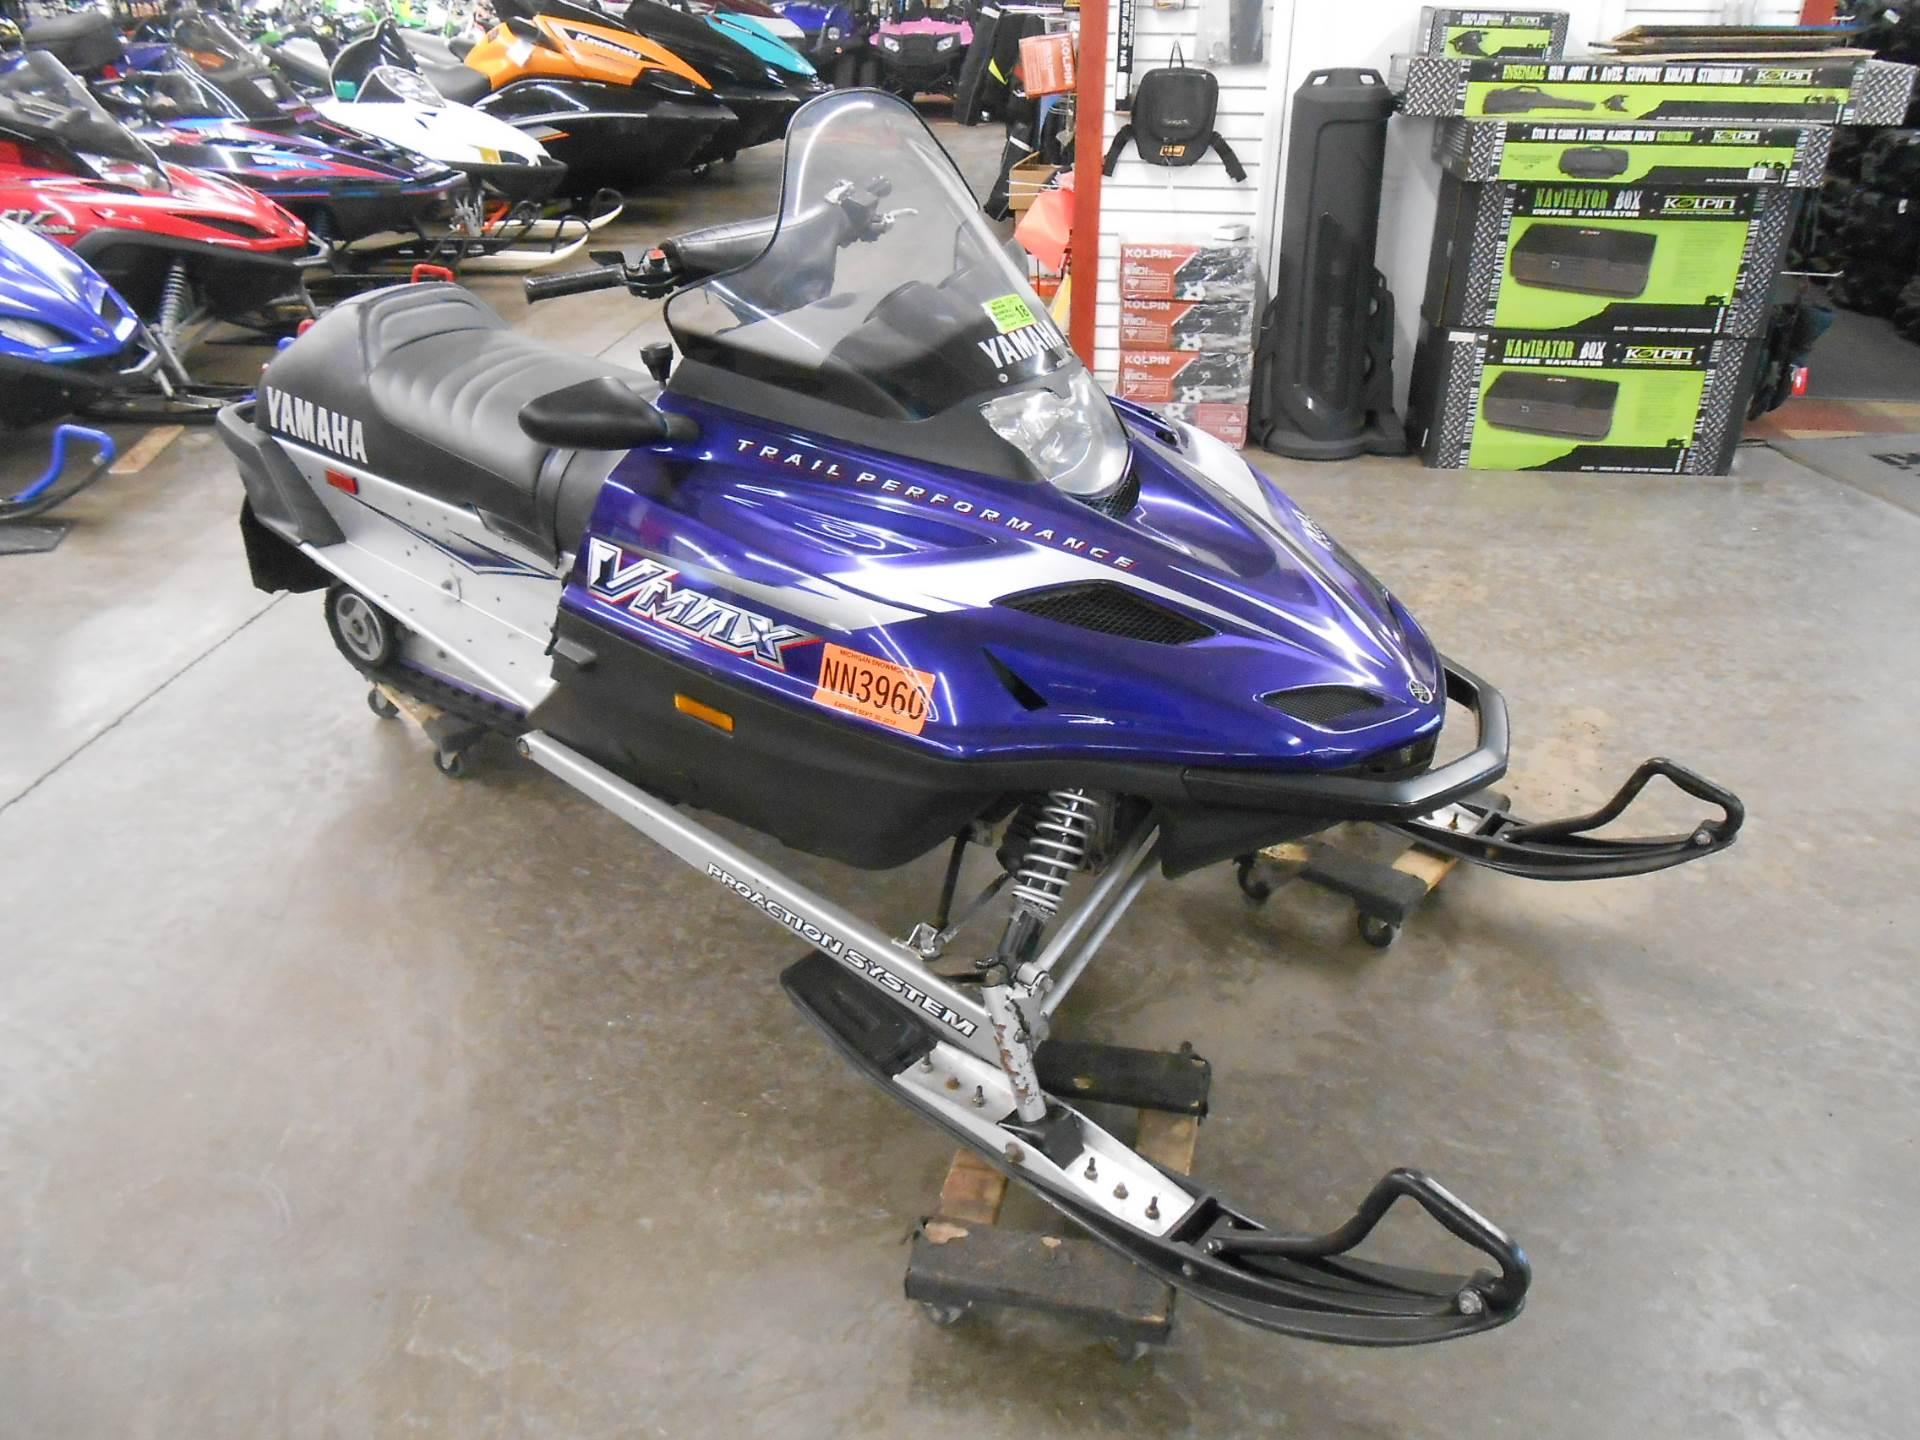 2002 Vmax 700 ER